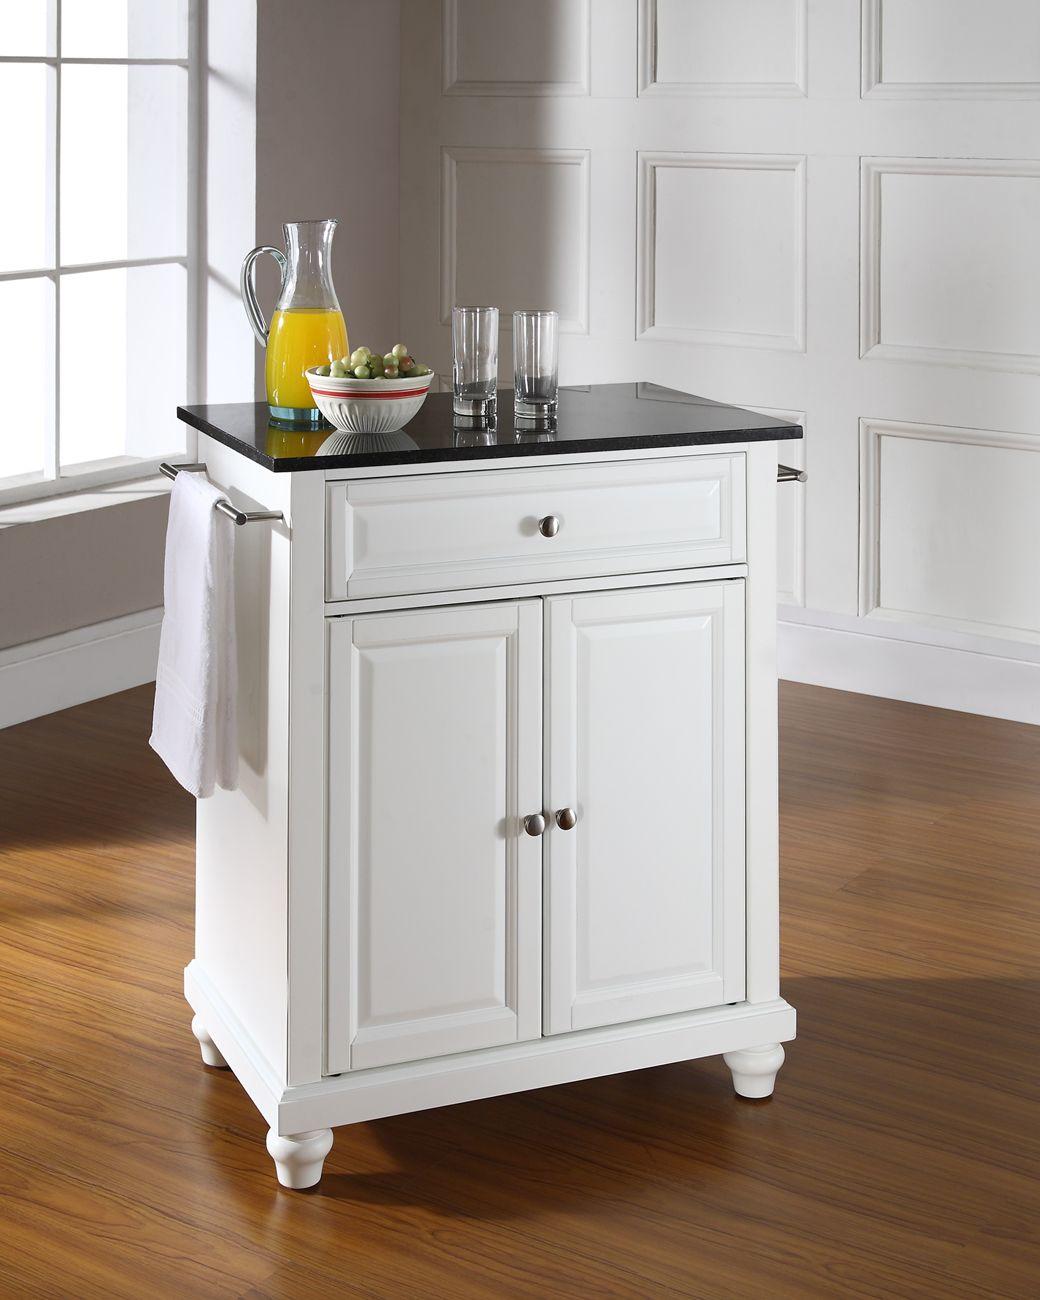 Image of: Cambridge Solid Black Granite Top Portable Kitchen Island In White Finish Crosley Kf30024dwh